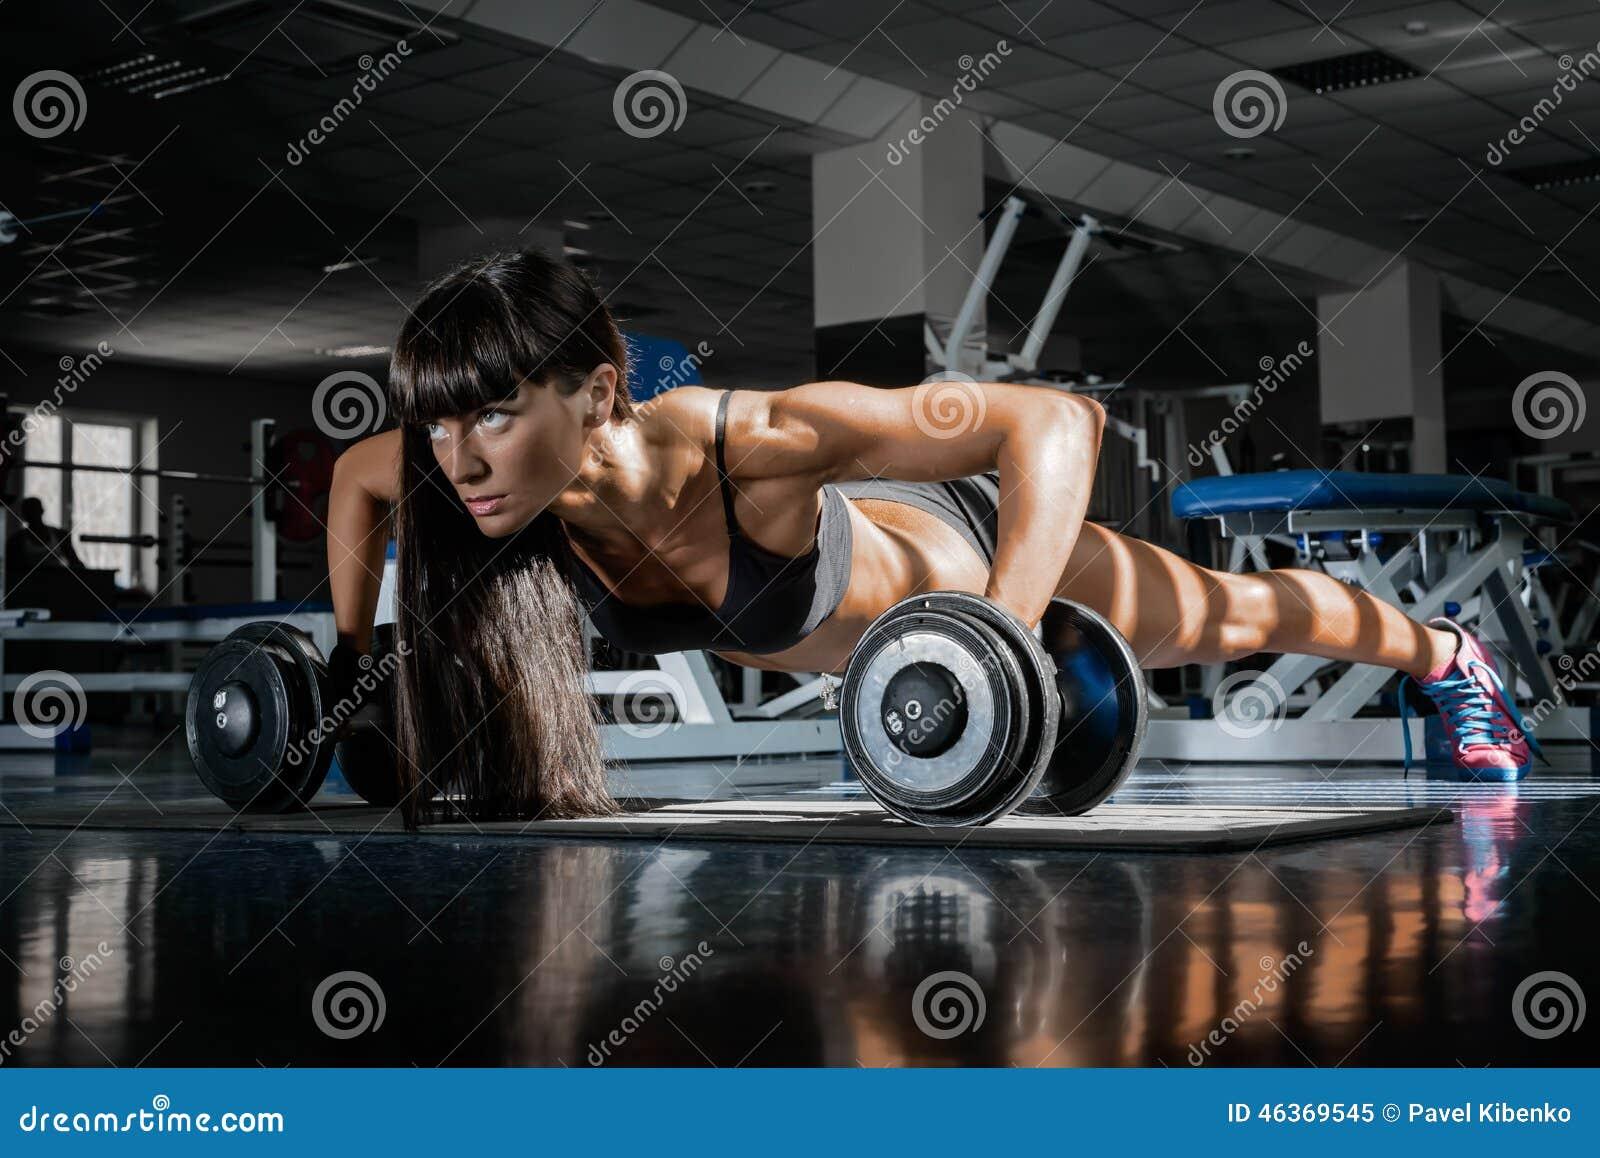 Фото девушек в фитнес зале 2 фотография